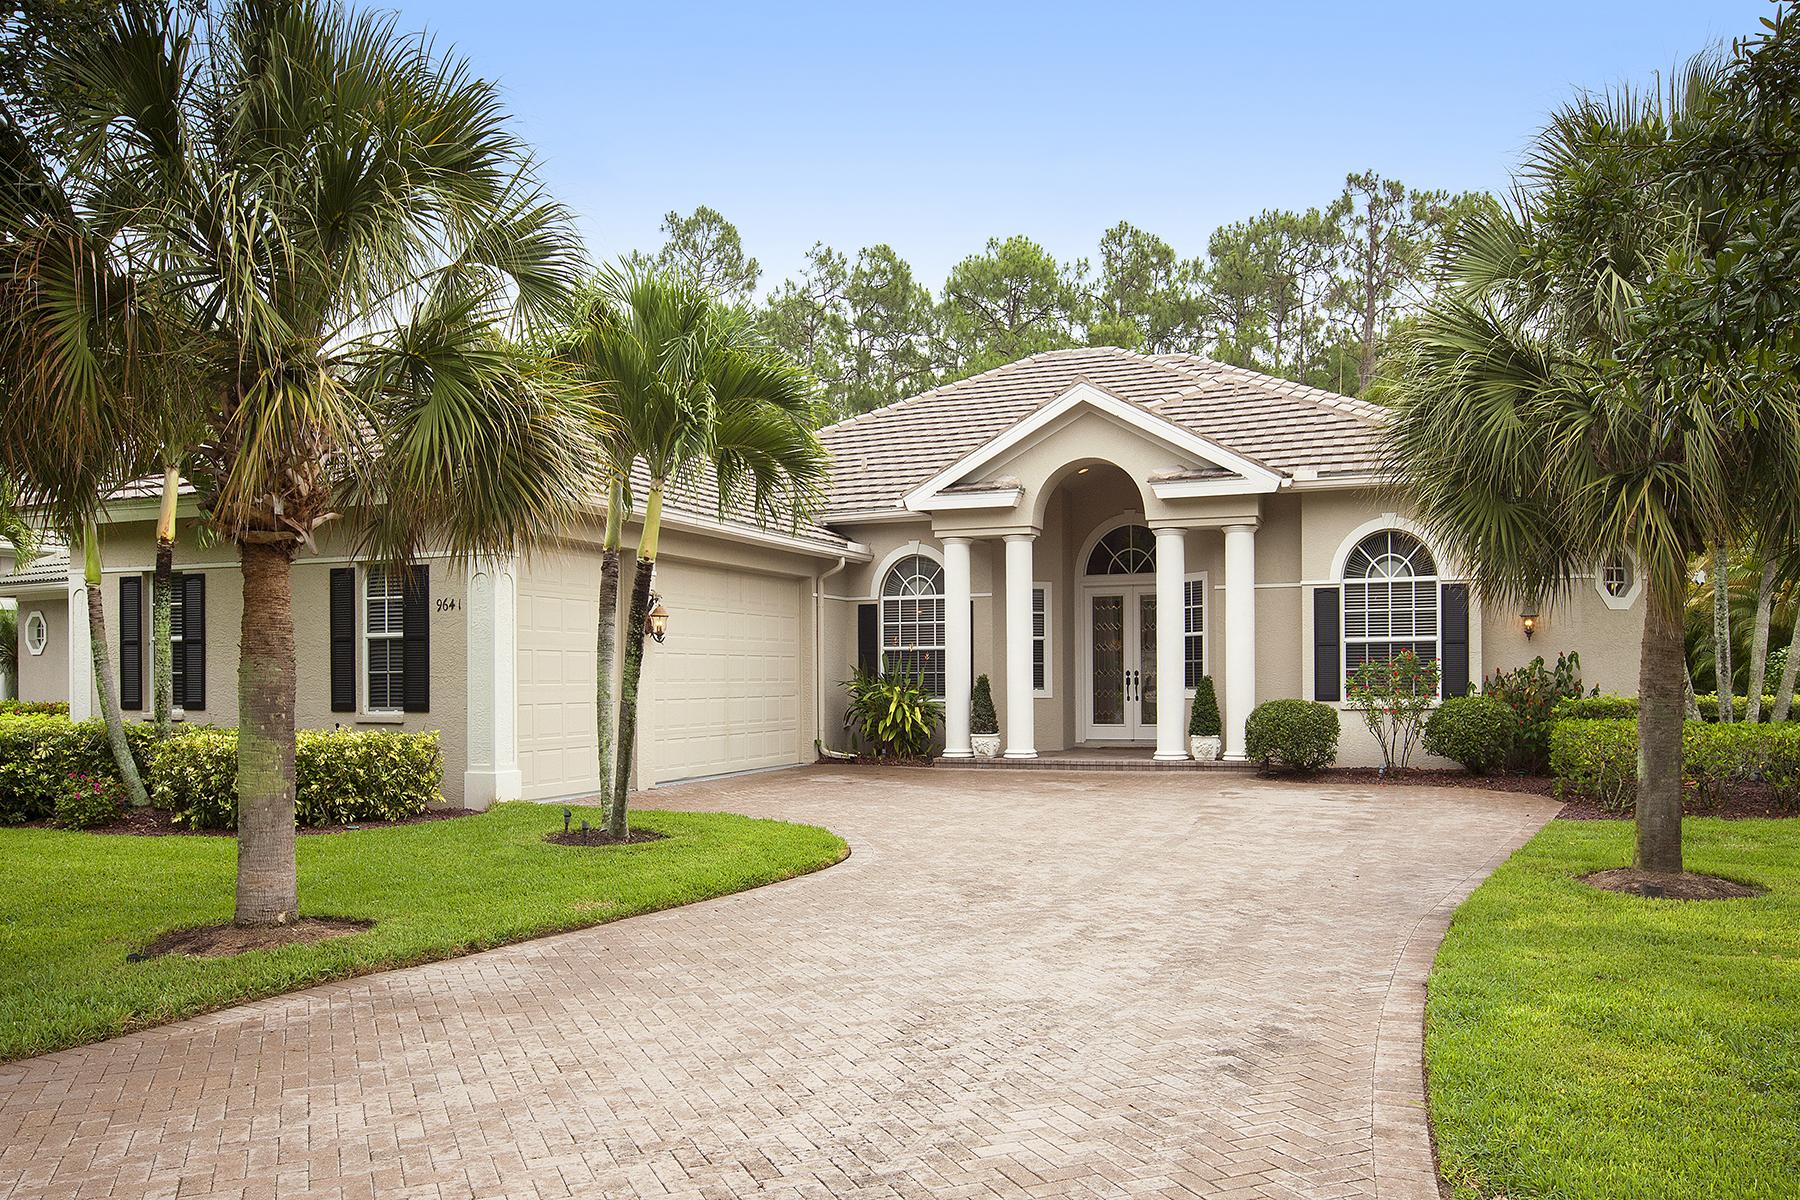 Частный односемейный дом для того Продажа на Wilshire Lakes 9641 Wilshire Lakes Blvd Naples, Флорида 34109 Соединенные Штаты